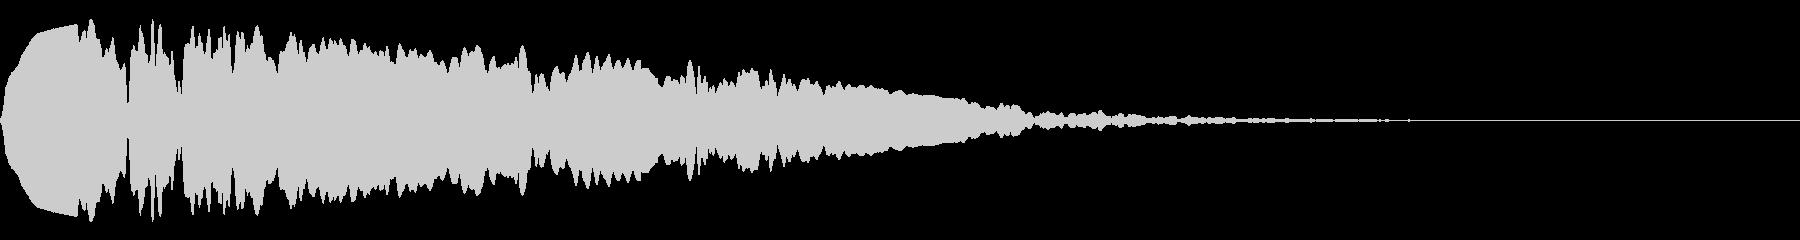 耳鳴り1の未再生の波形